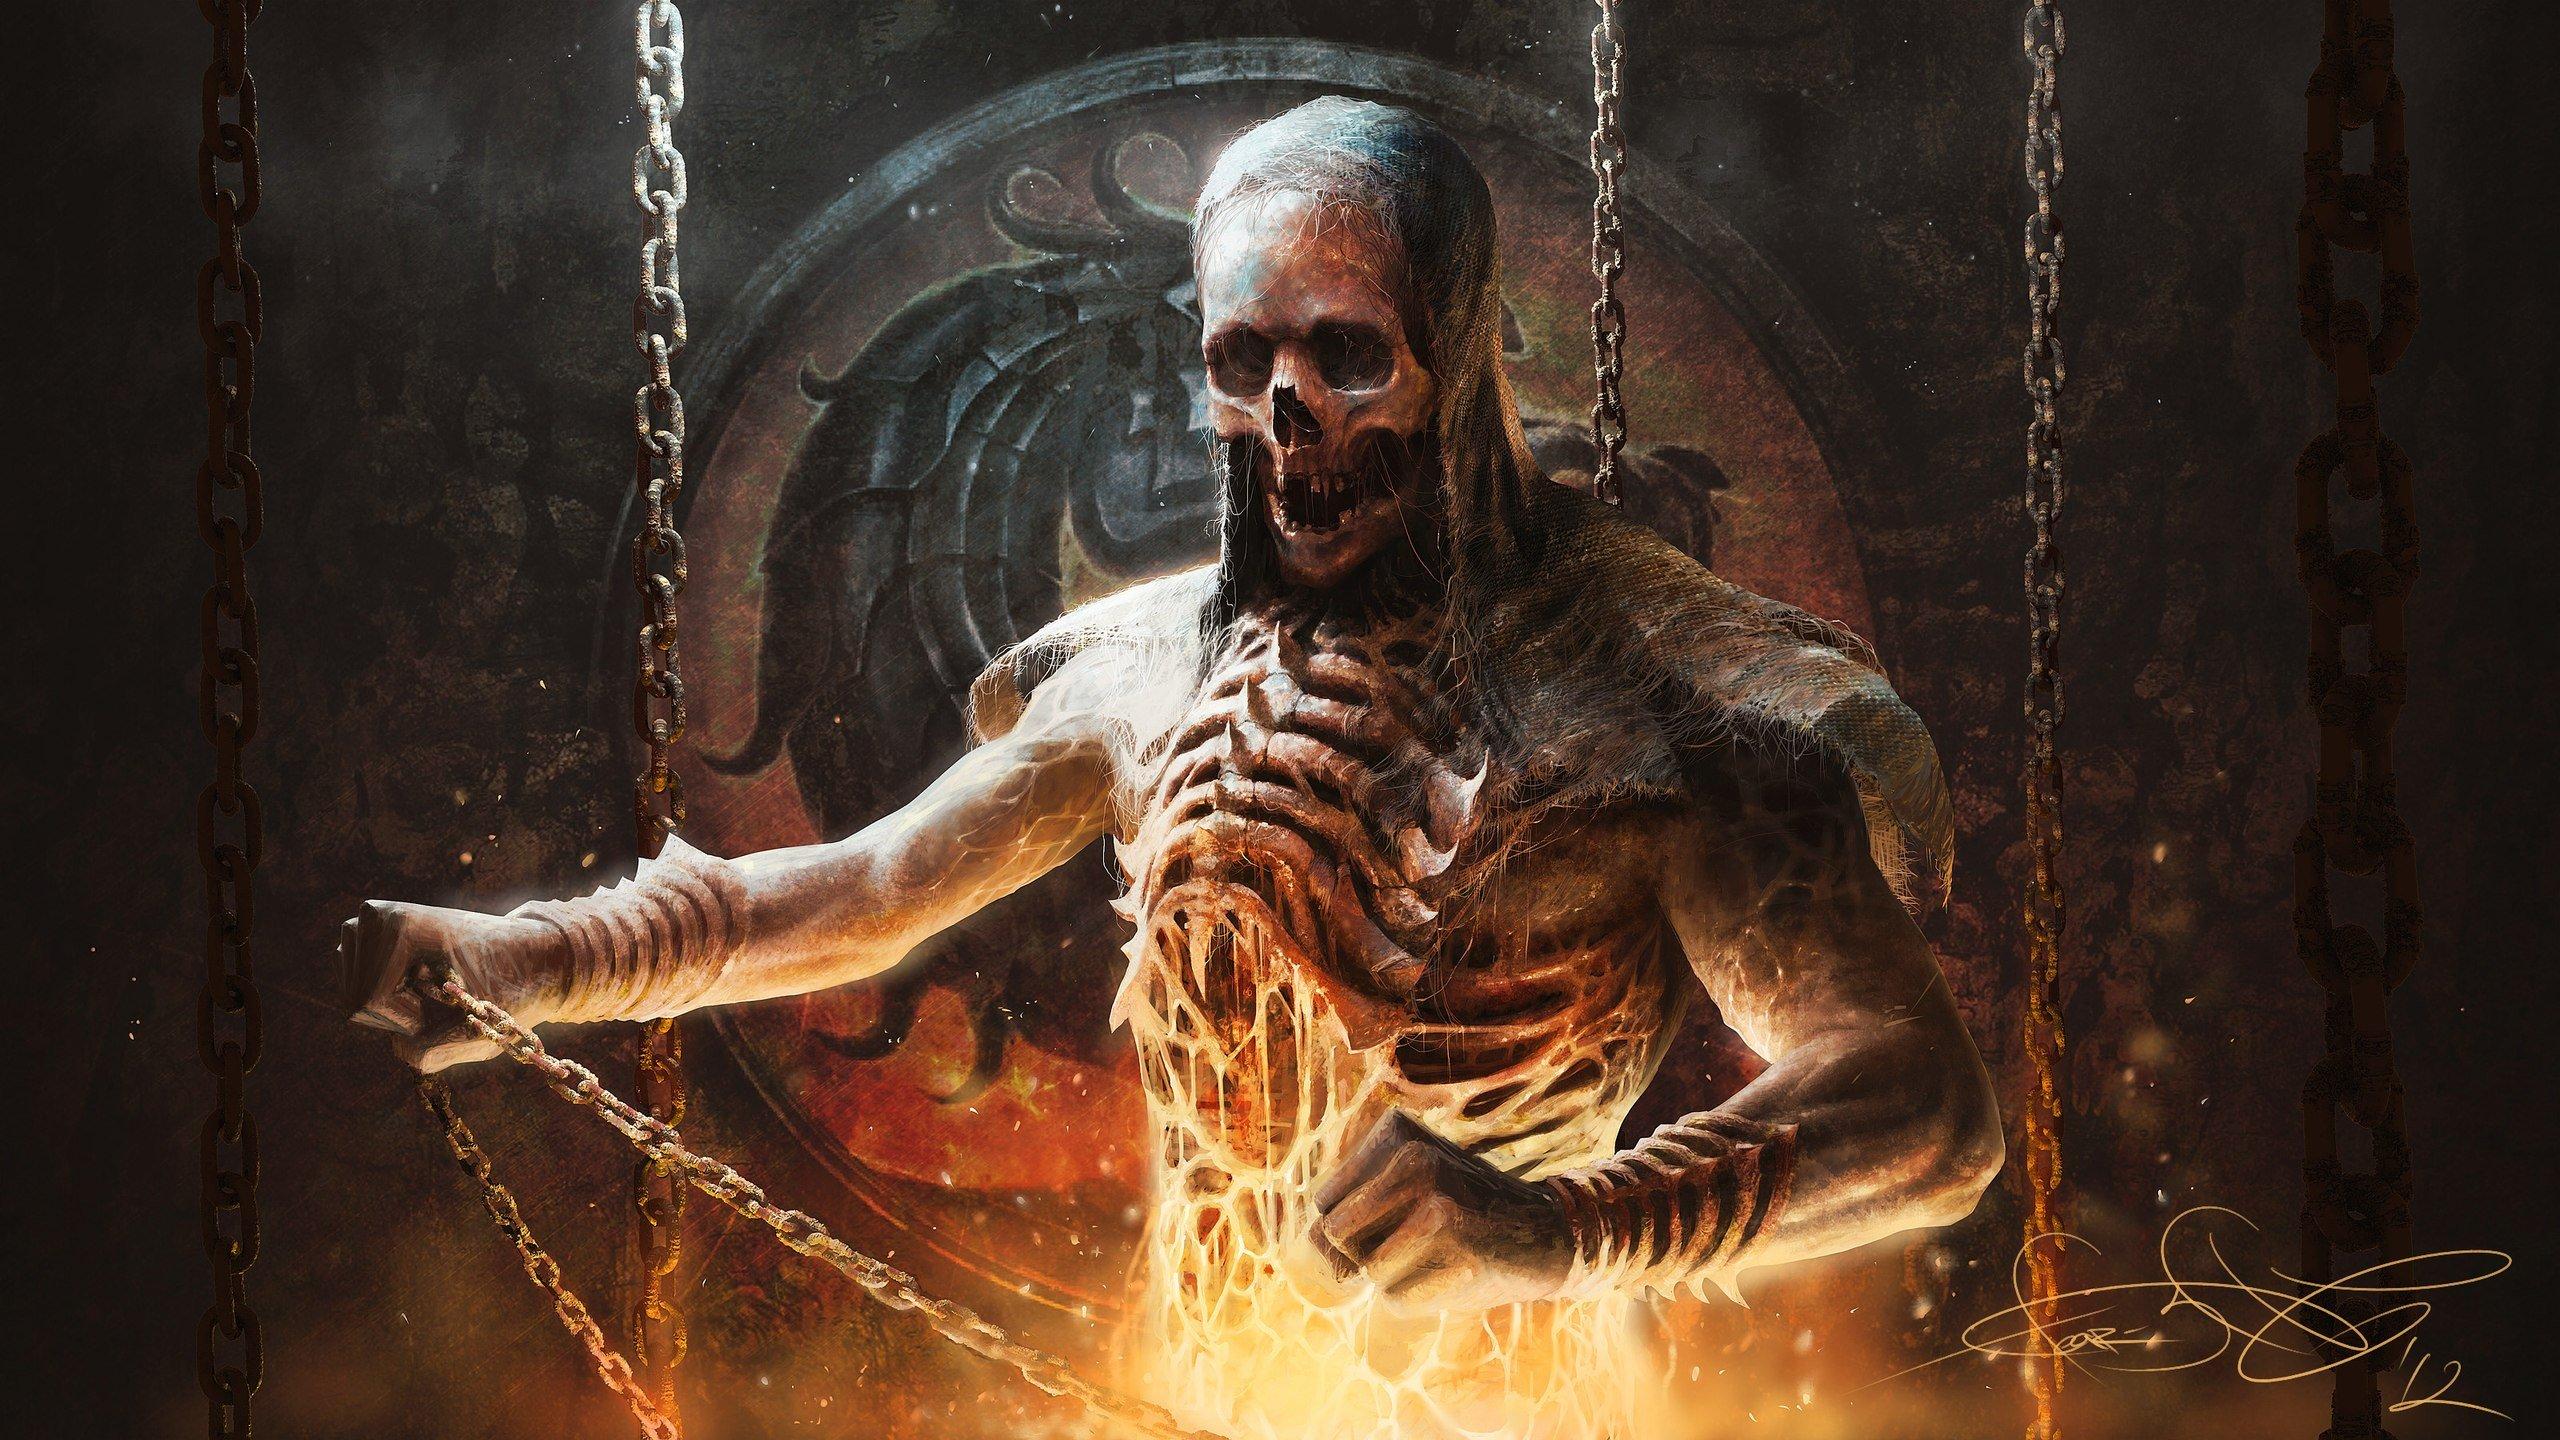 Art-Подборка Mortal Кombat - Изображение 7